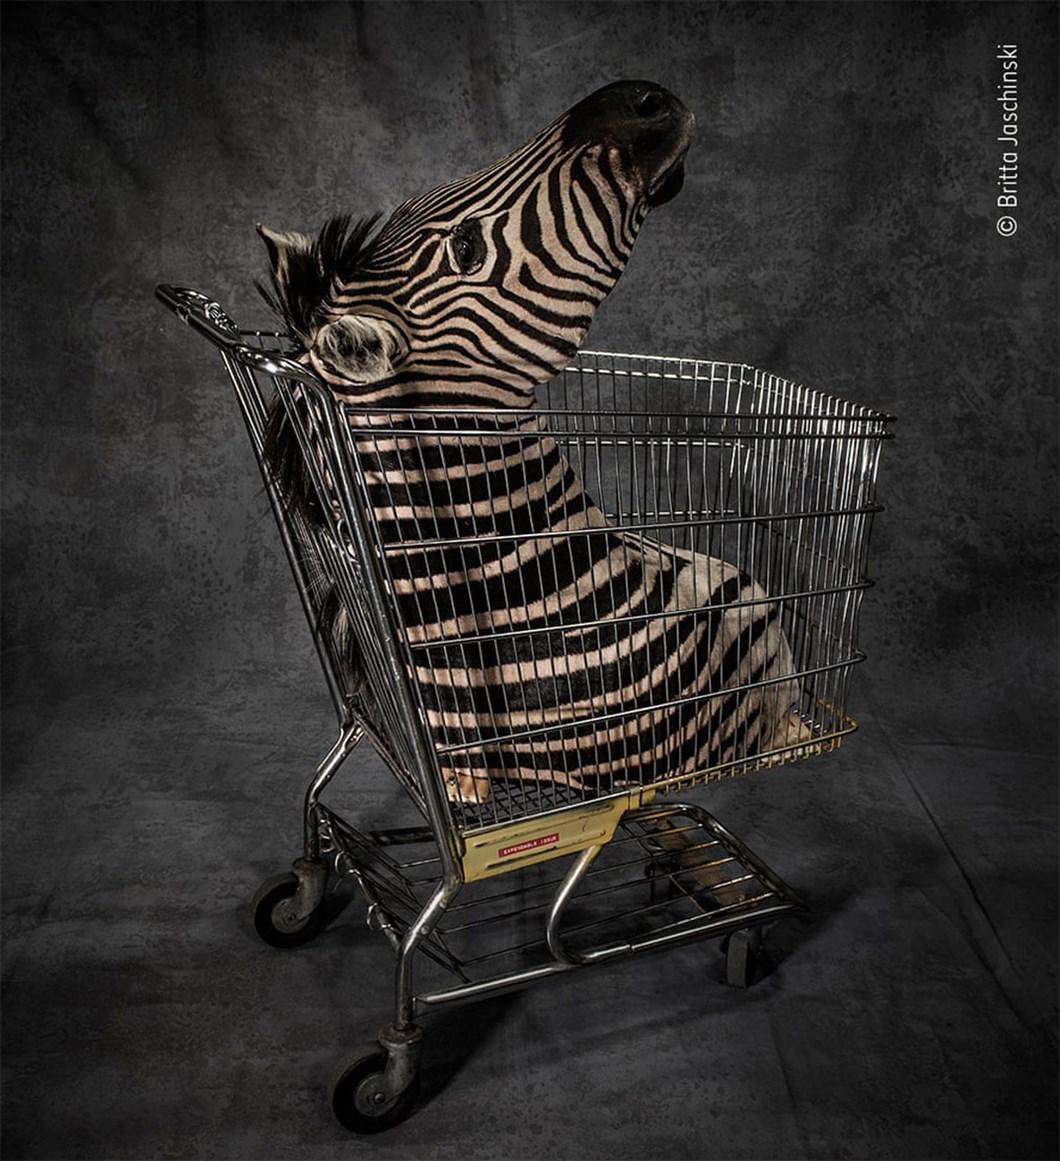 zebra-bust_2020-12-03.jpg